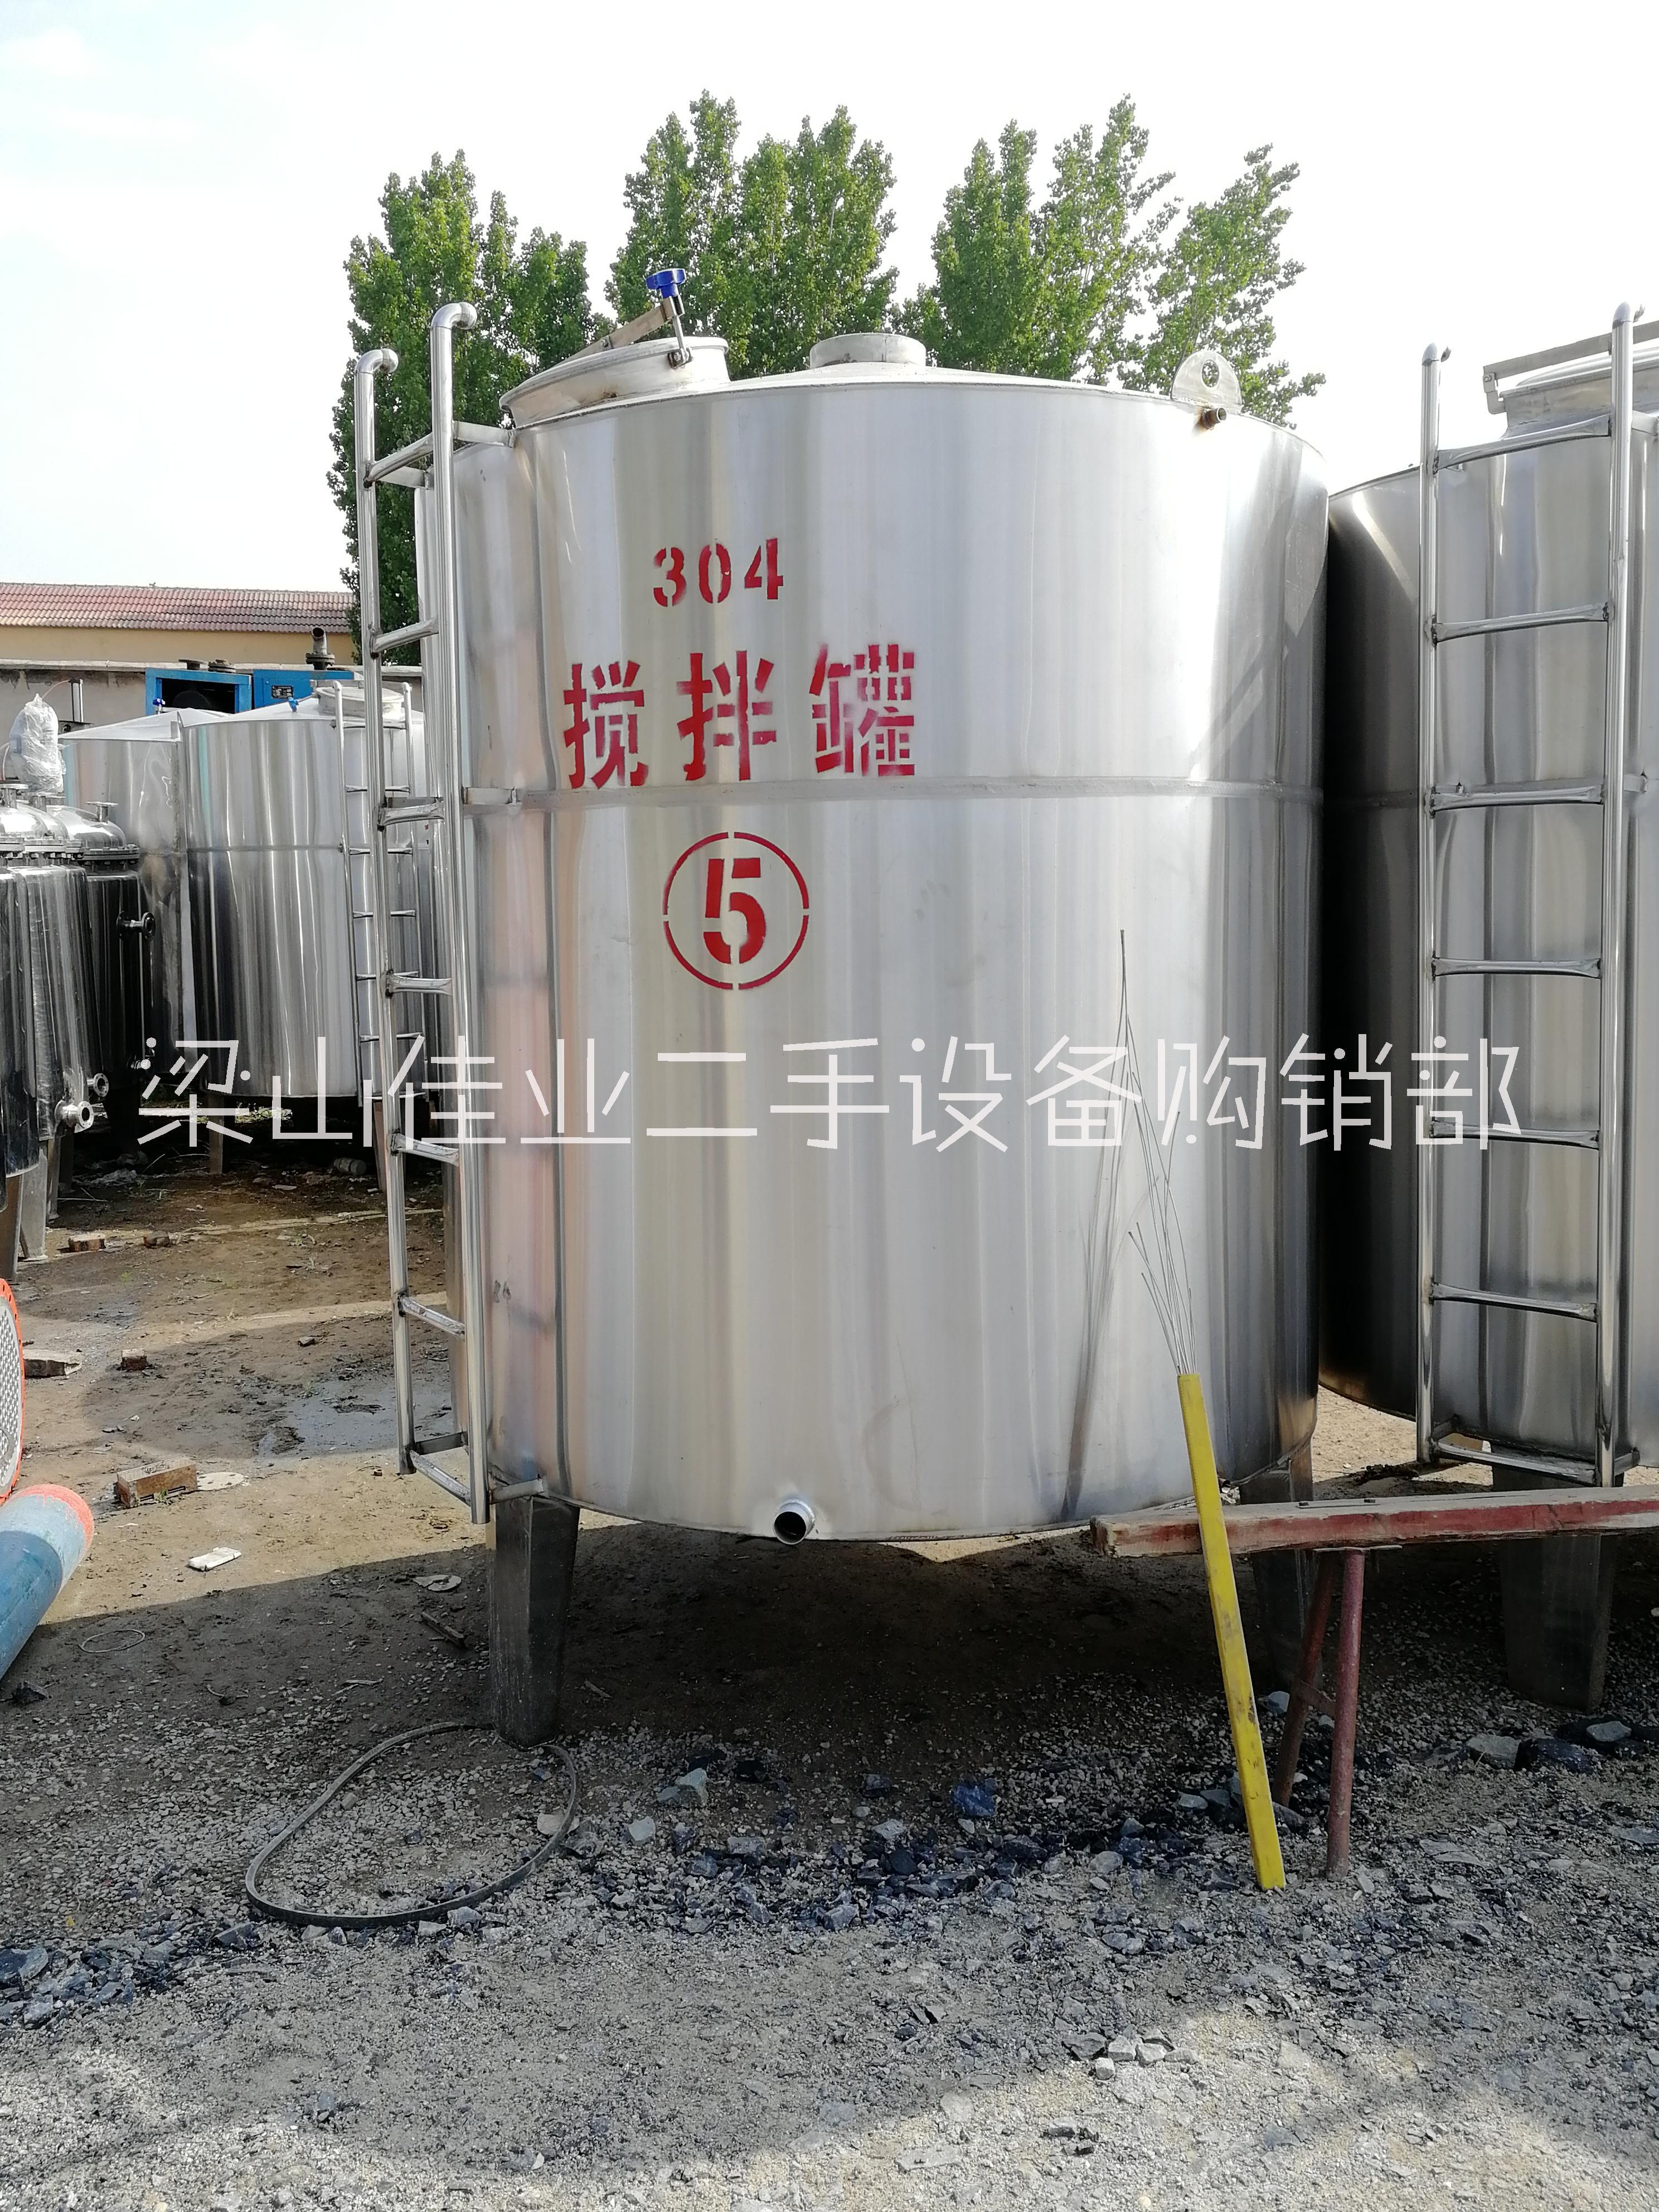 江苏不锈钢储罐厂家直销20T 30T 50T不锈钢储罐 2T 5T不锈钢搅拌罐